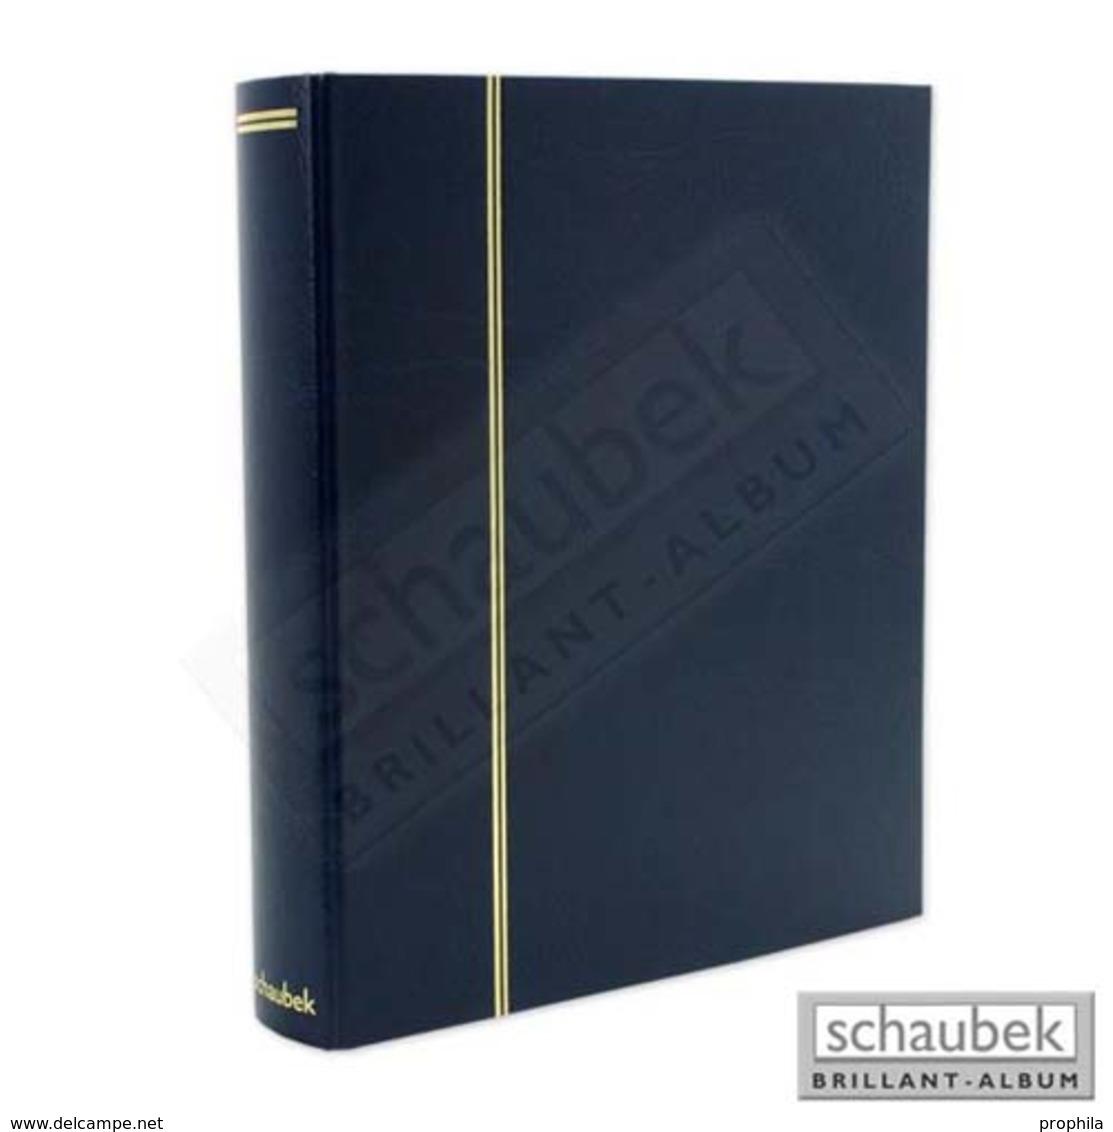 Schaubek Scrb-1113 Album FPJ Universal, Reliure Attaché, Avec 20 Feuilles Fo-111 Pour Formats Jusqu'à A4 Bleue - Klemmbinder